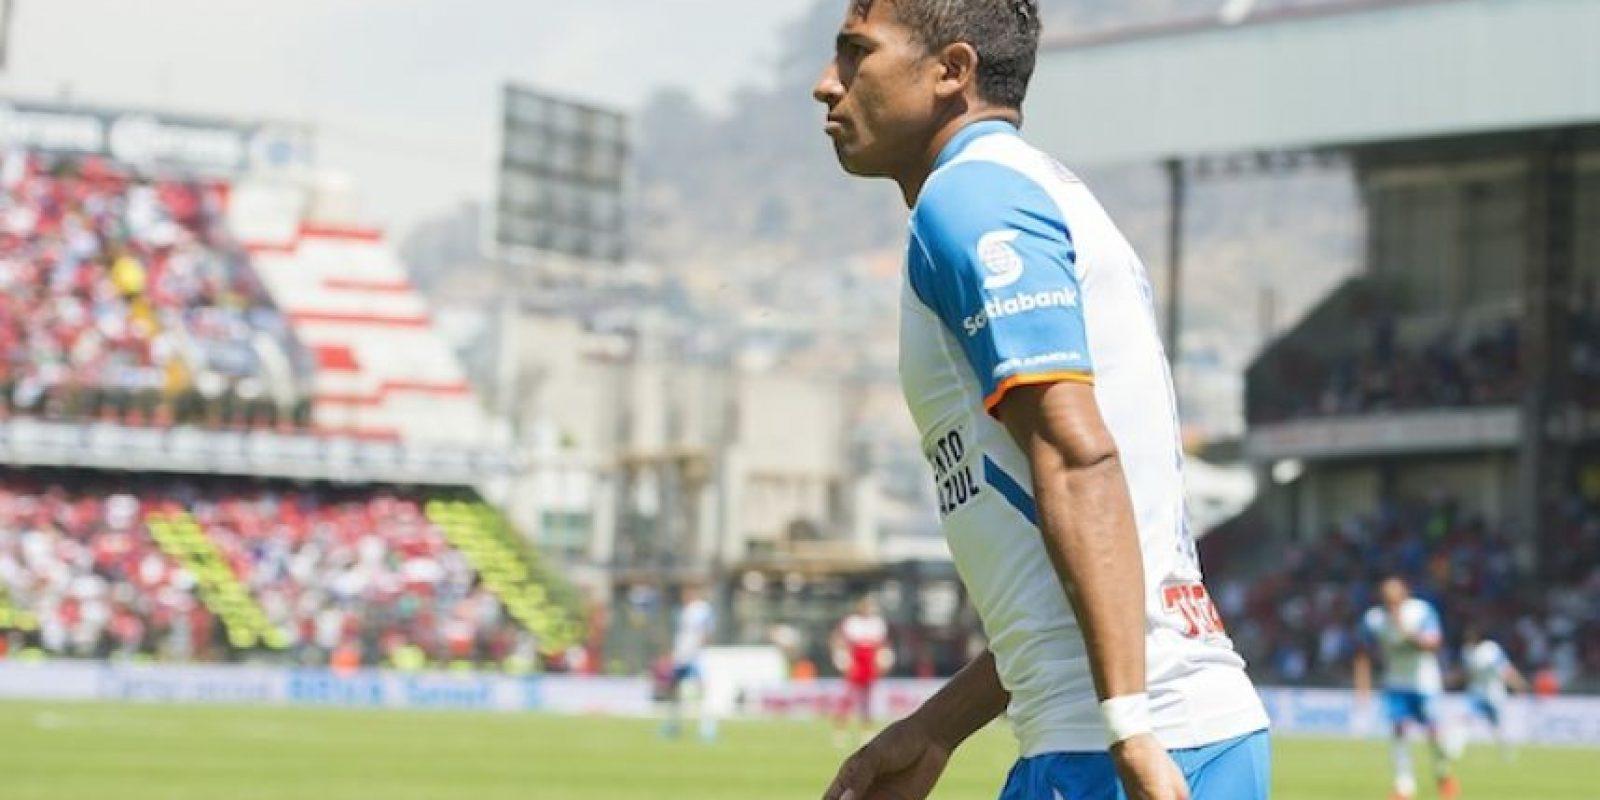 Joao Rojas sorprendió a Talavera al 1′ de juego y Cruz Azul derrota parcialmente a Toluca. Foto:Publisport